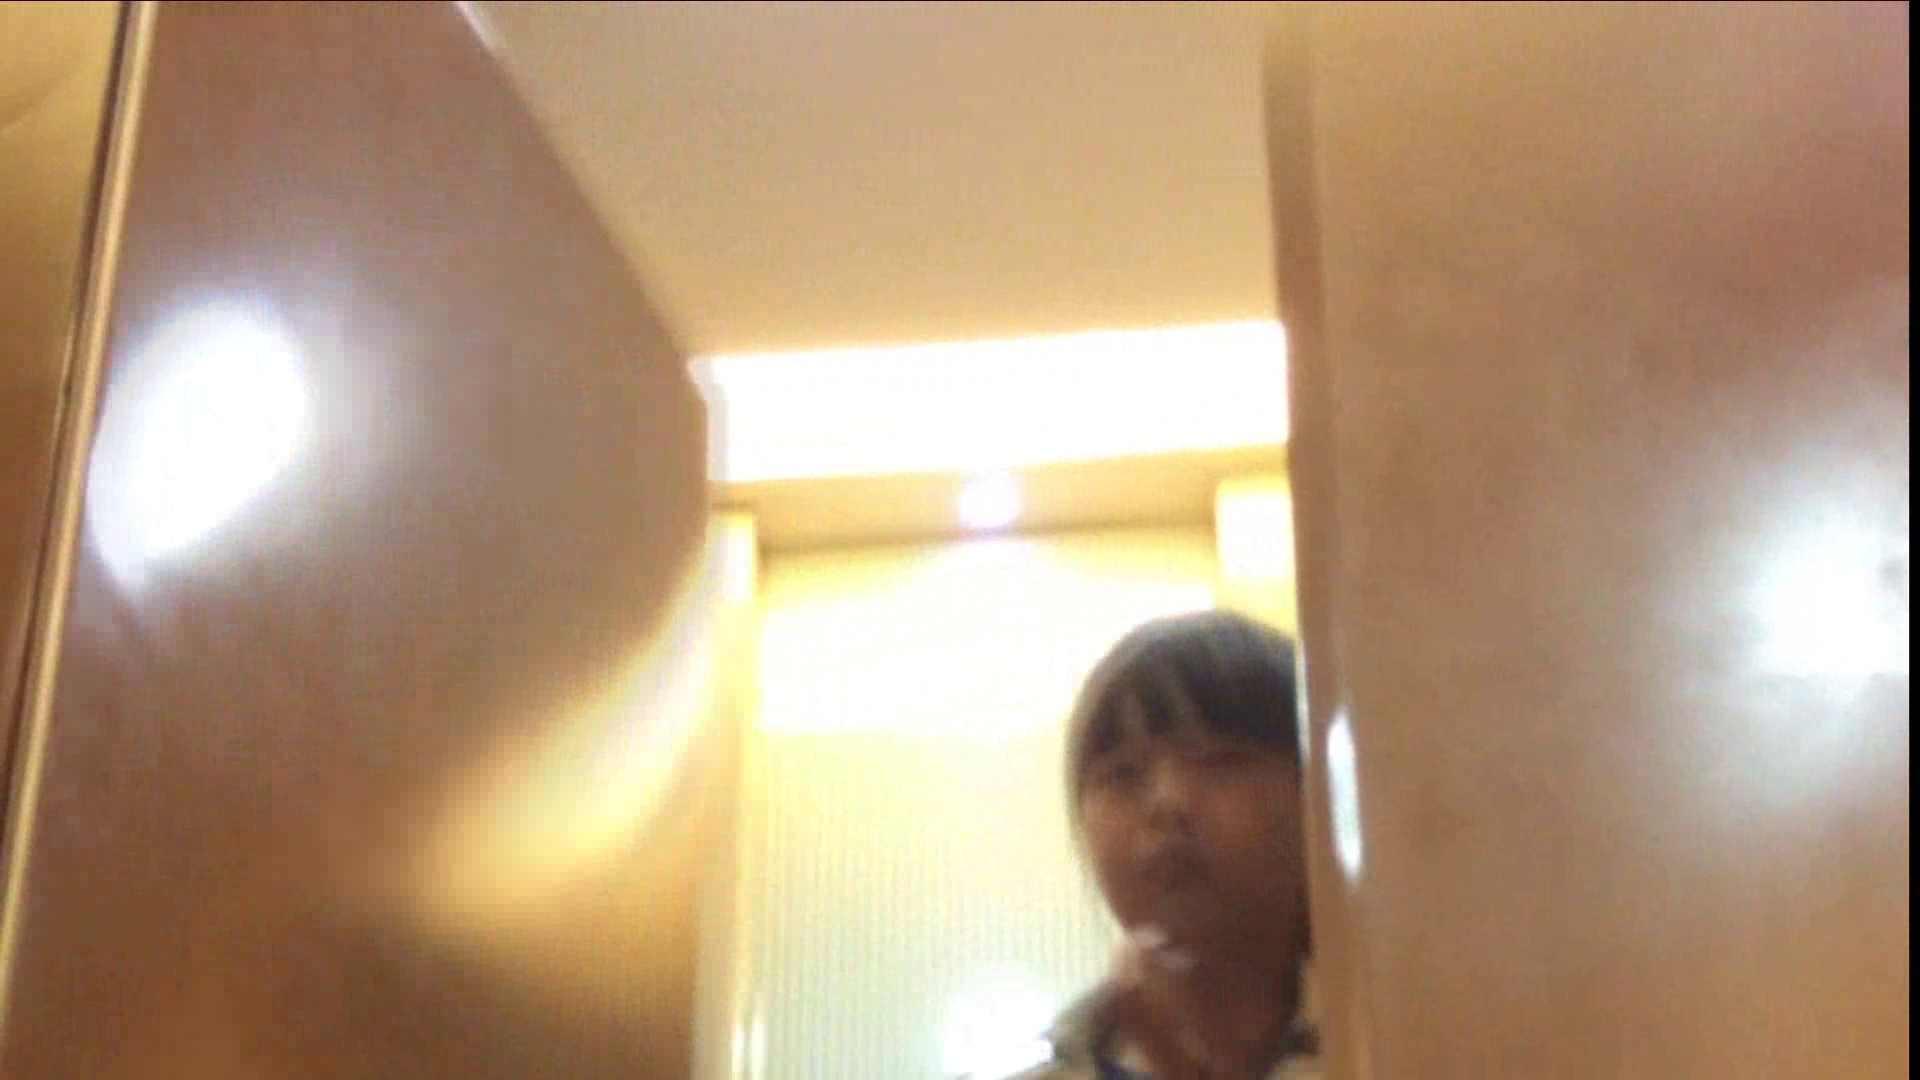 隣国化粧室下から御免!! No.16 洗面所 | 美女のボディ  74PIX 19